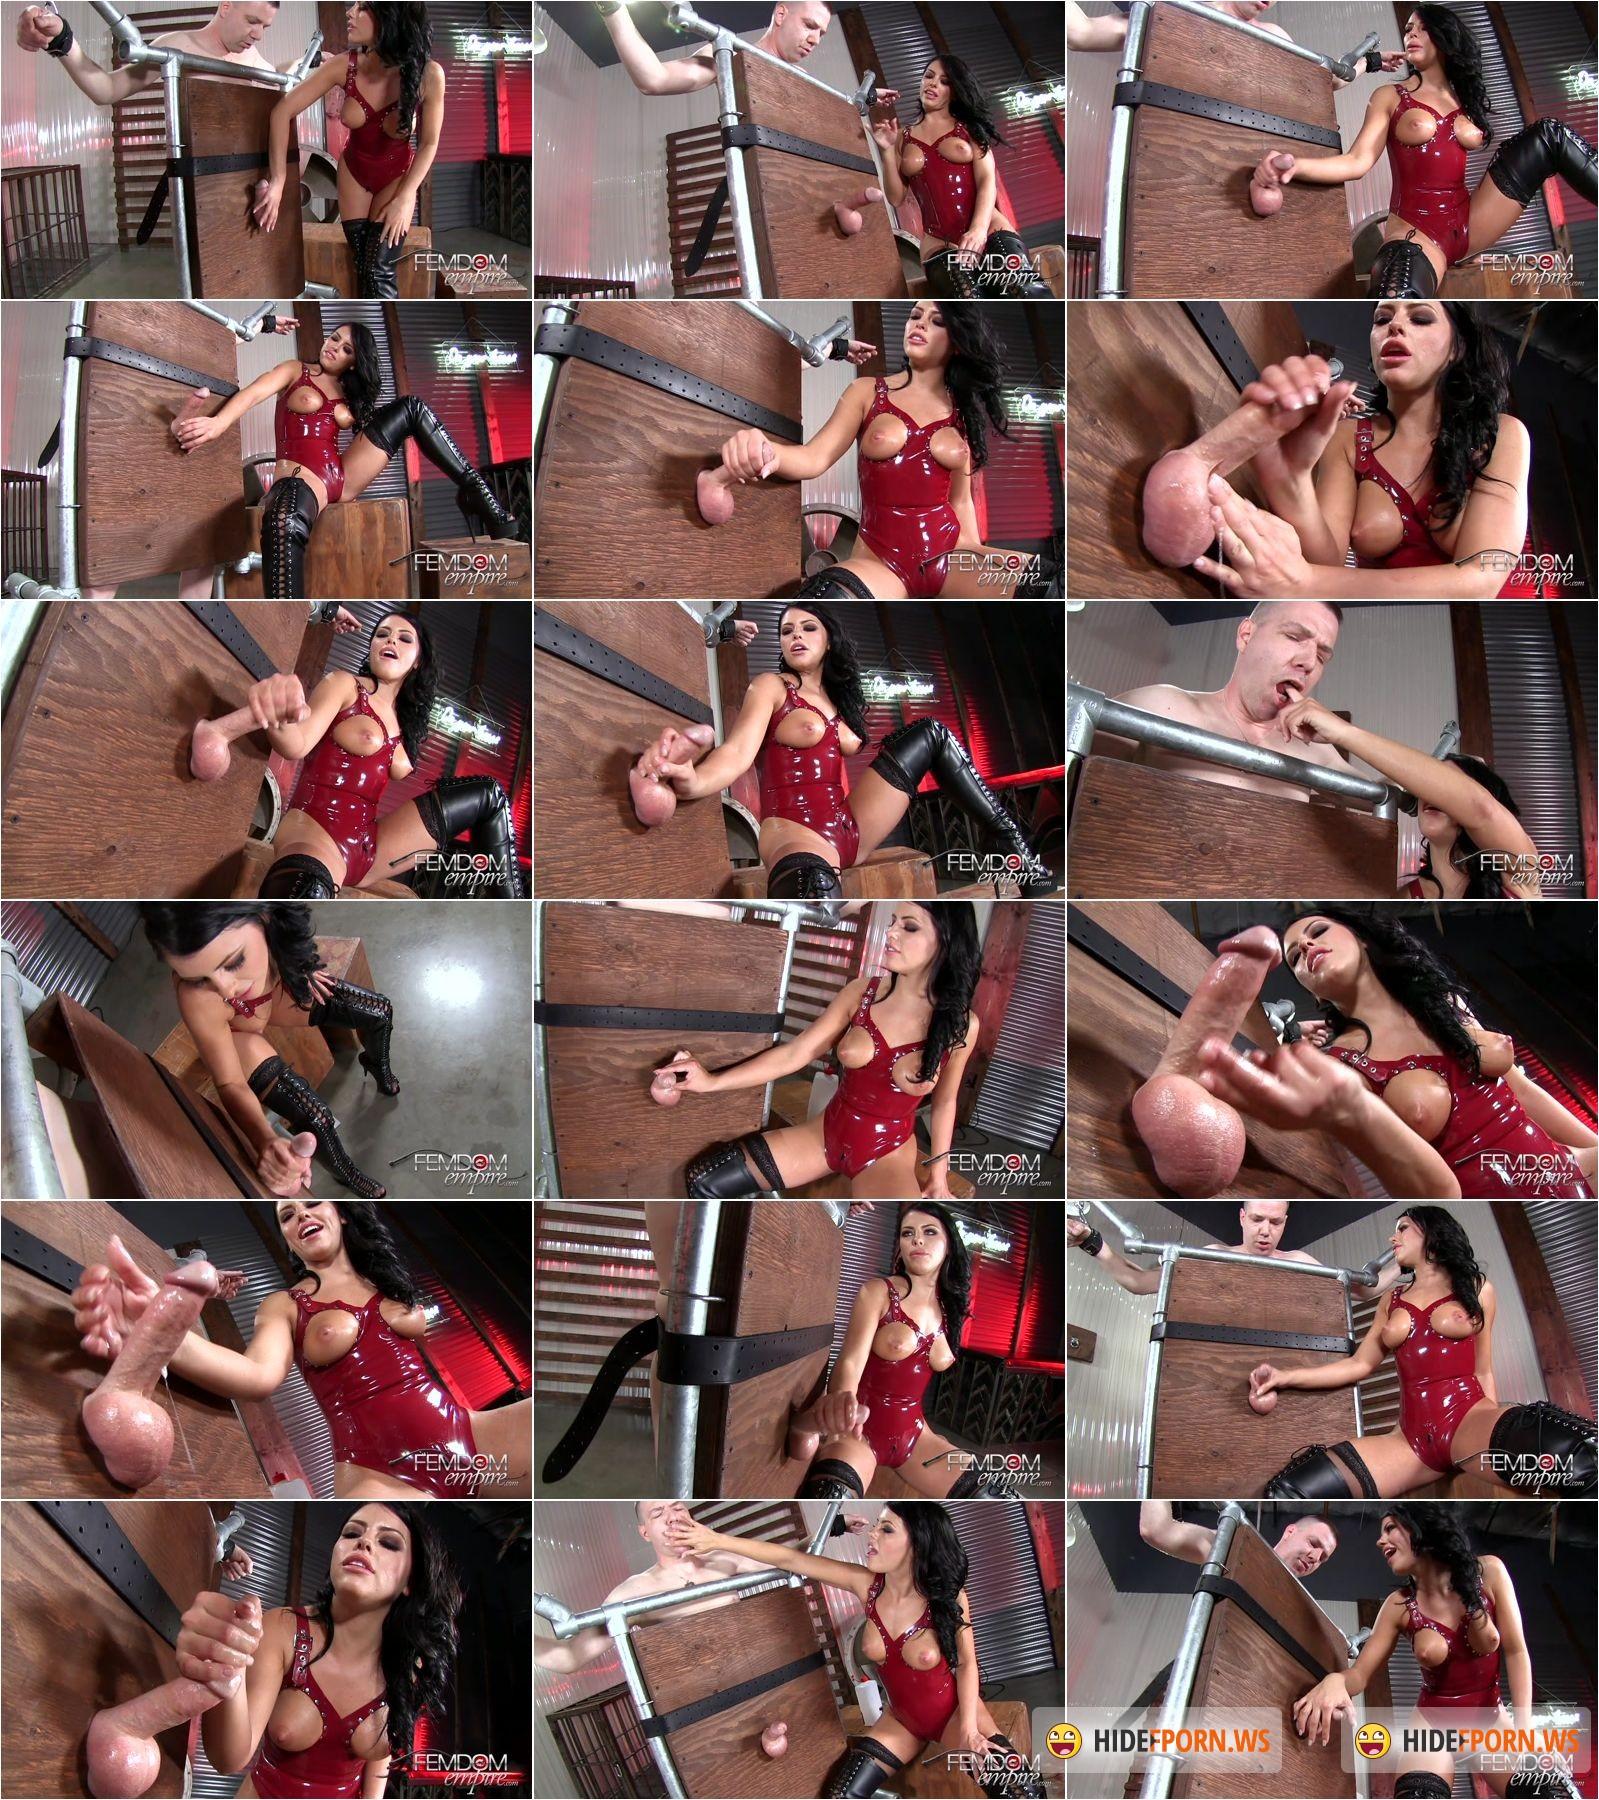 Adriana Chechik Planetsuzy femdomempire - adriana chechik - owning his balls fullhd